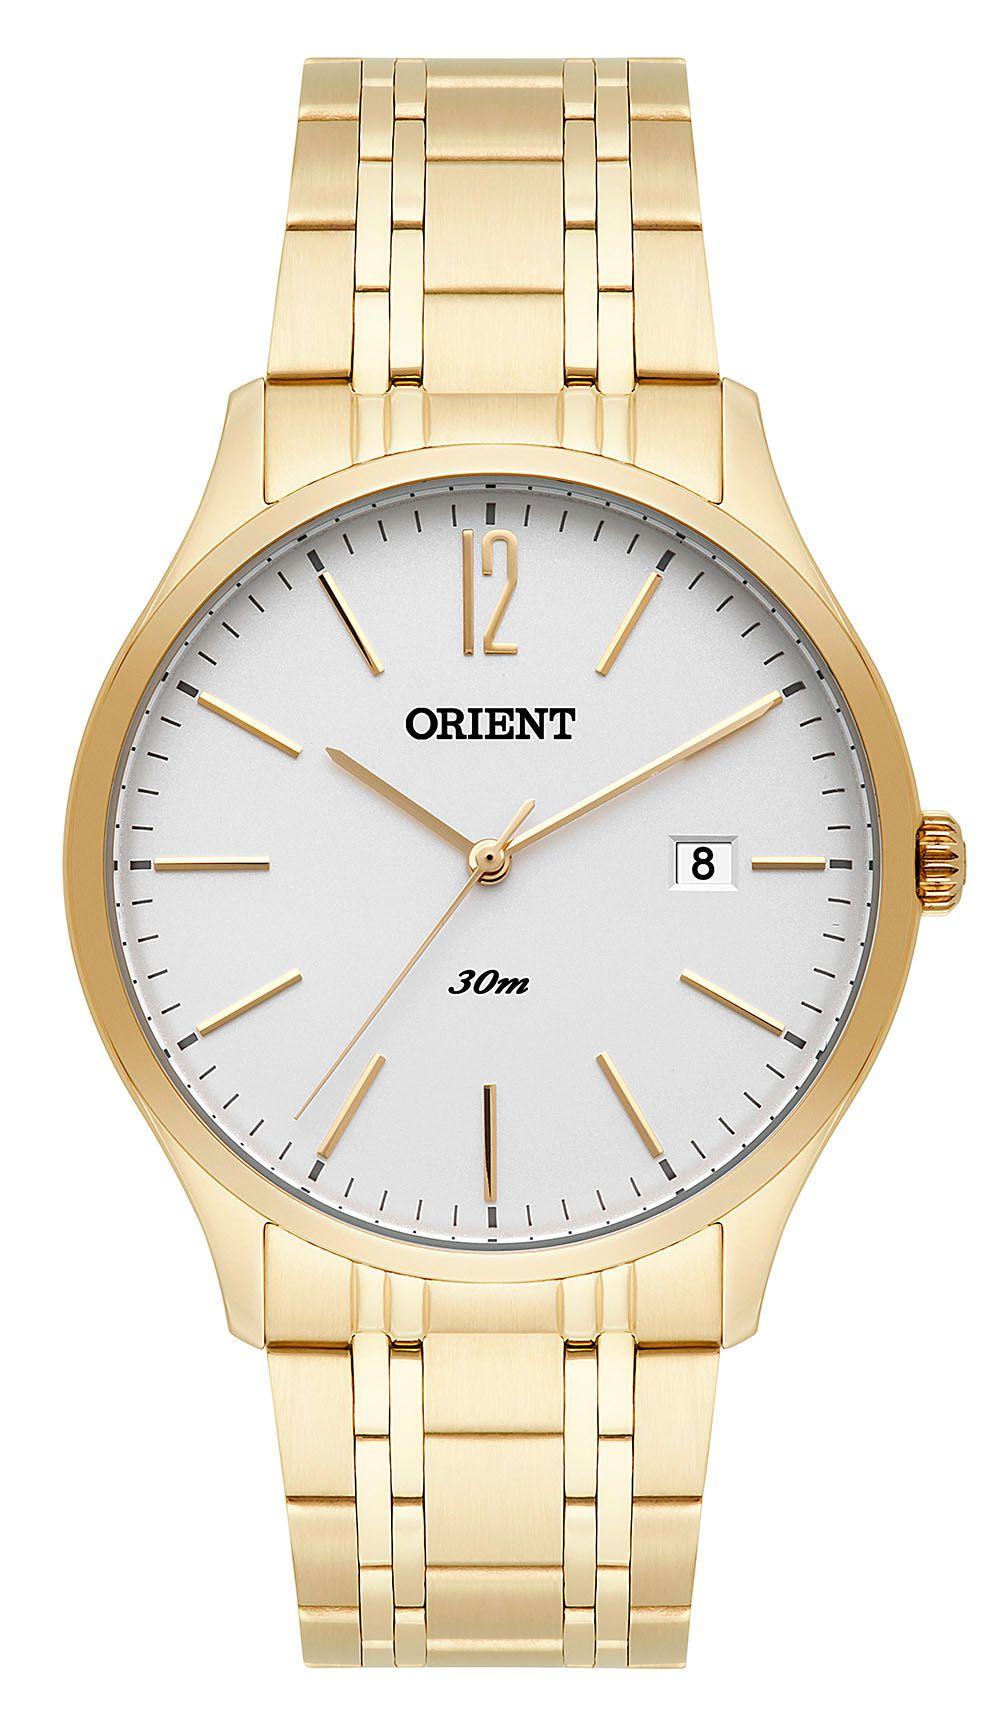 Relógio Masculino Orient MGSS1138-S2KX Dourado